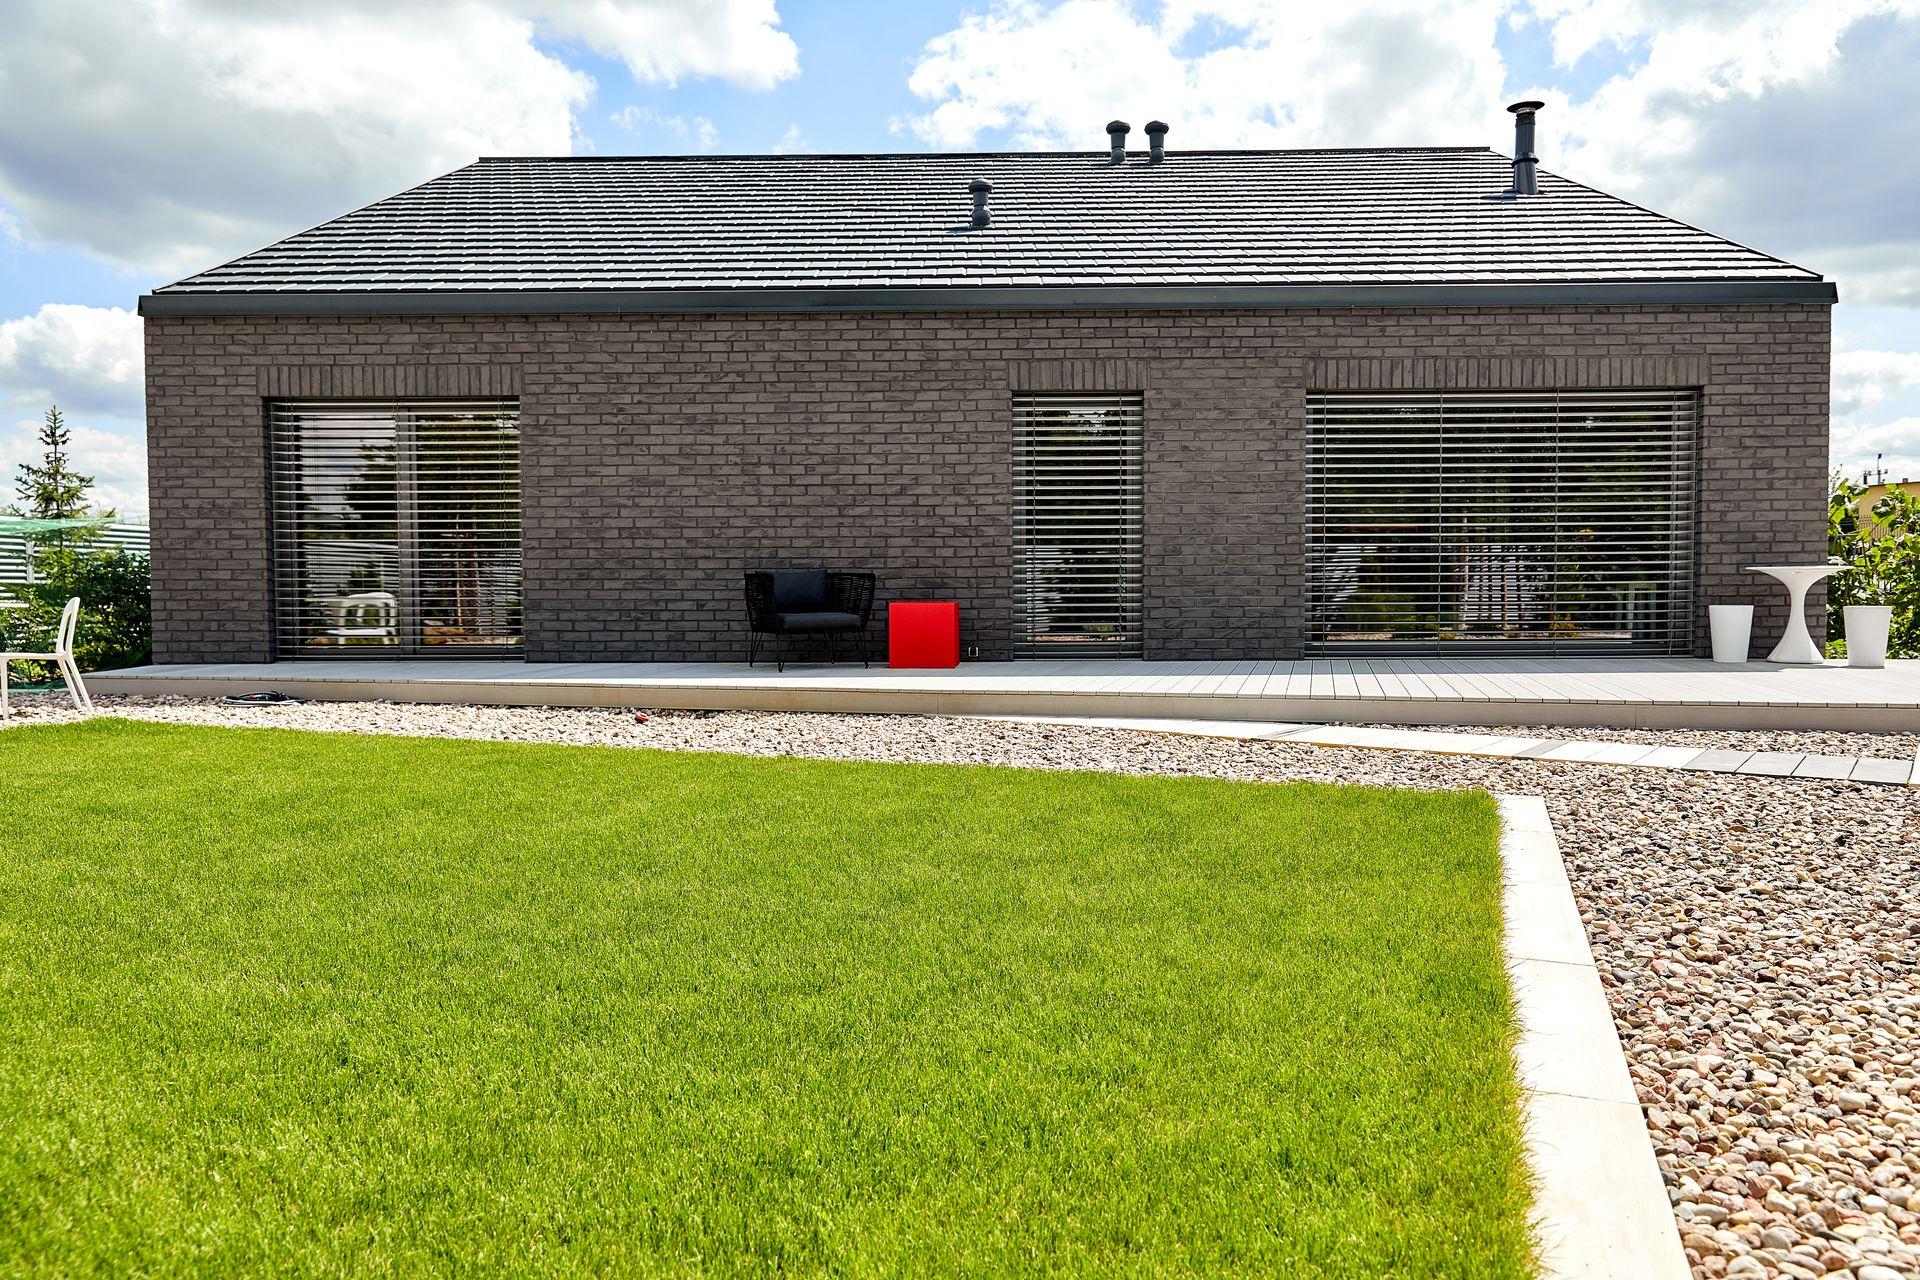 Dom zerokosztowy eureka architekci